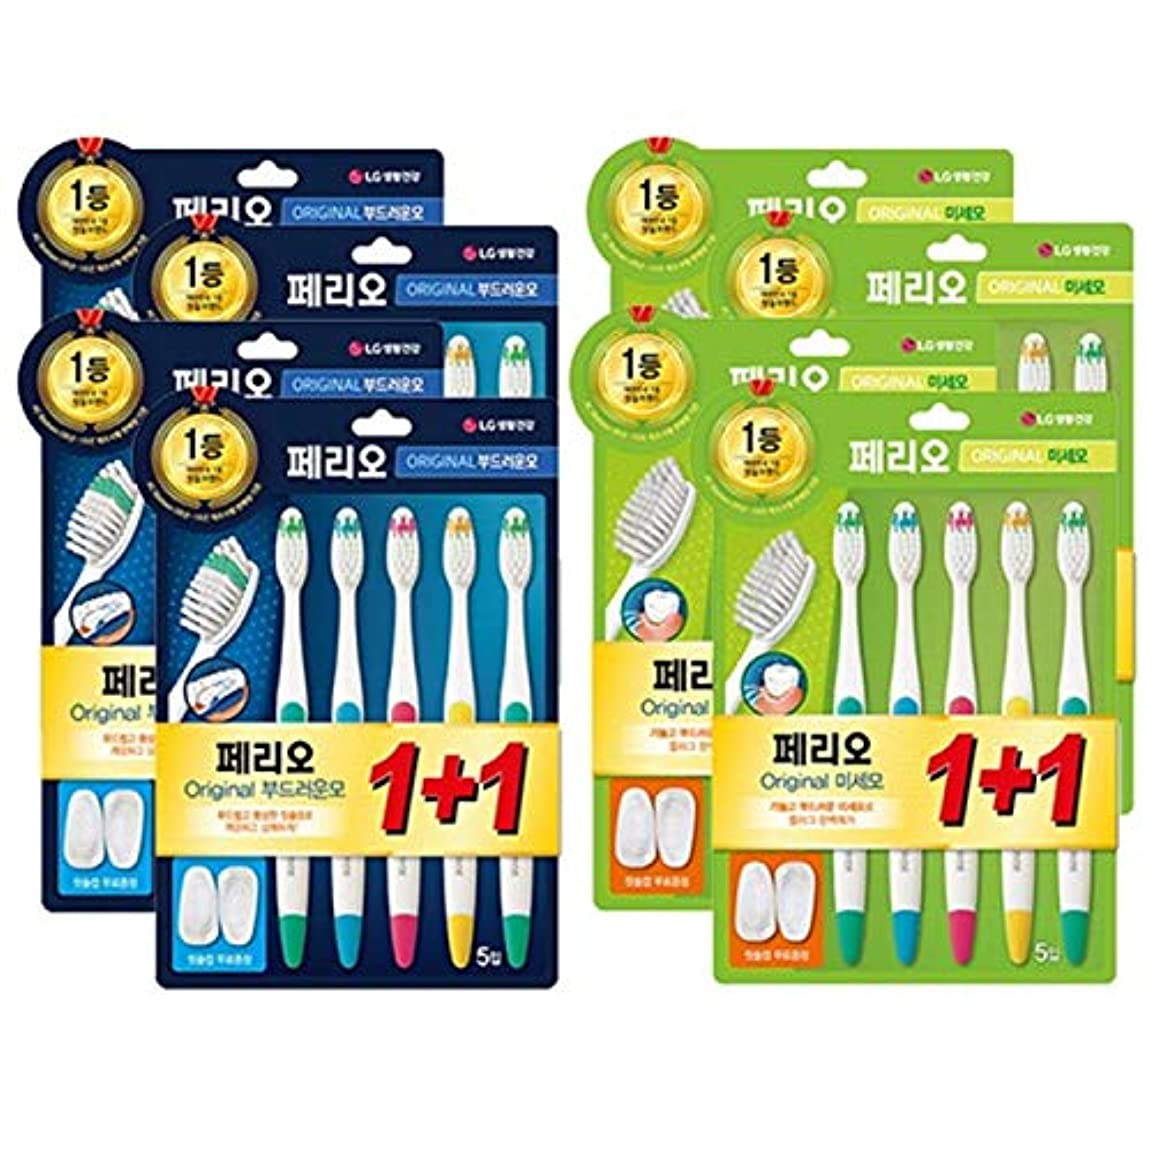 有効ハリウッドボウリング[LG HnB] Perio original toothbrush/ペリオオリジナル歯ブラシ 10口x4個(海外直送品)